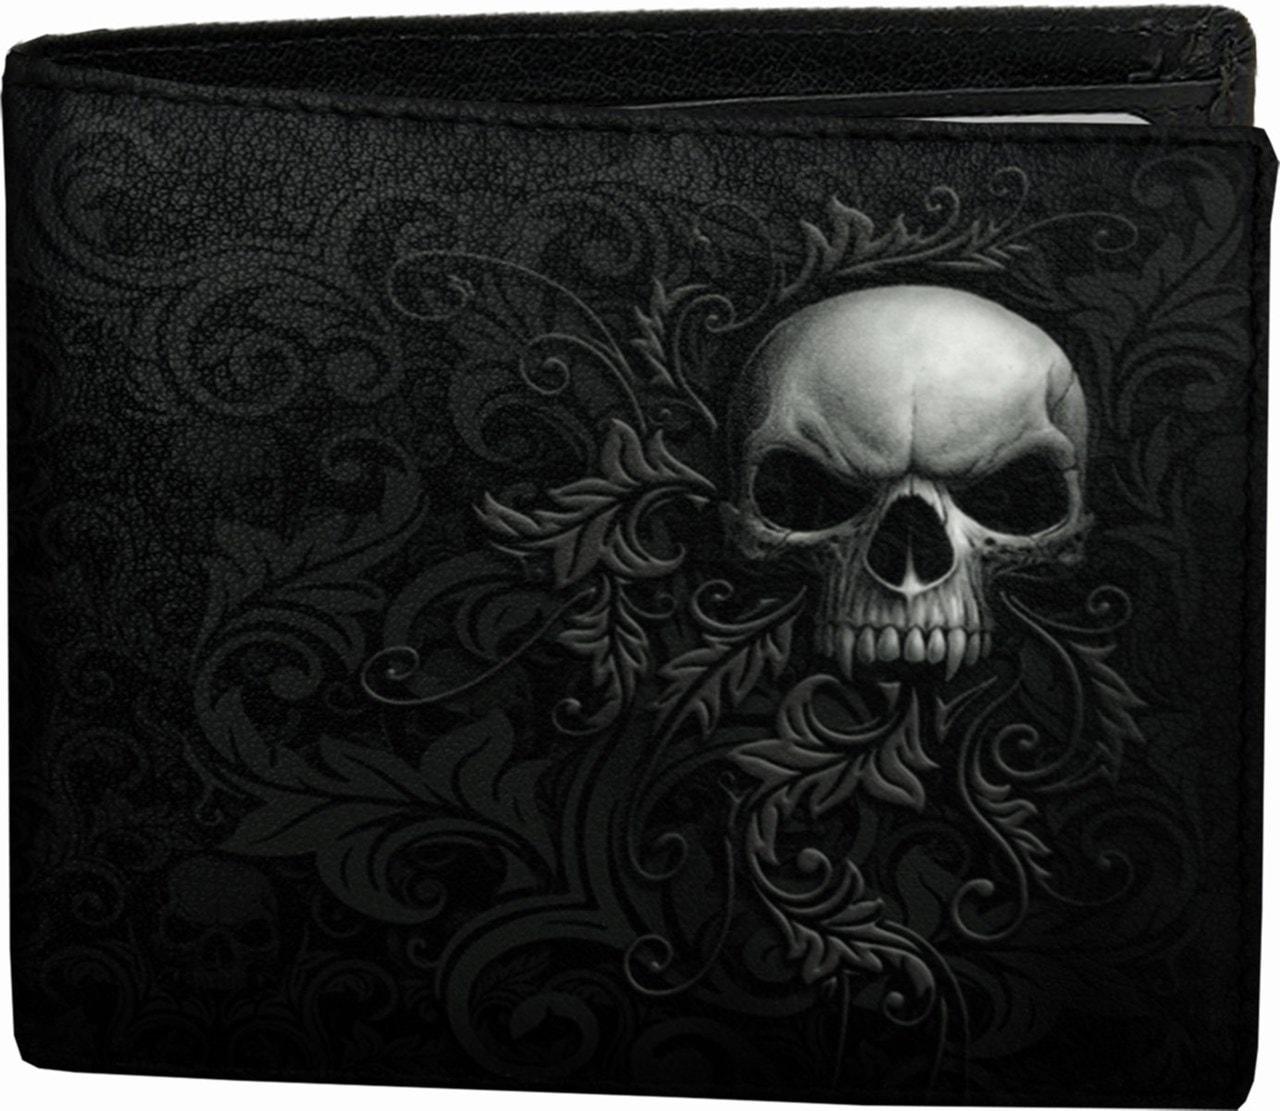 Skull Scroll Wallet - 1